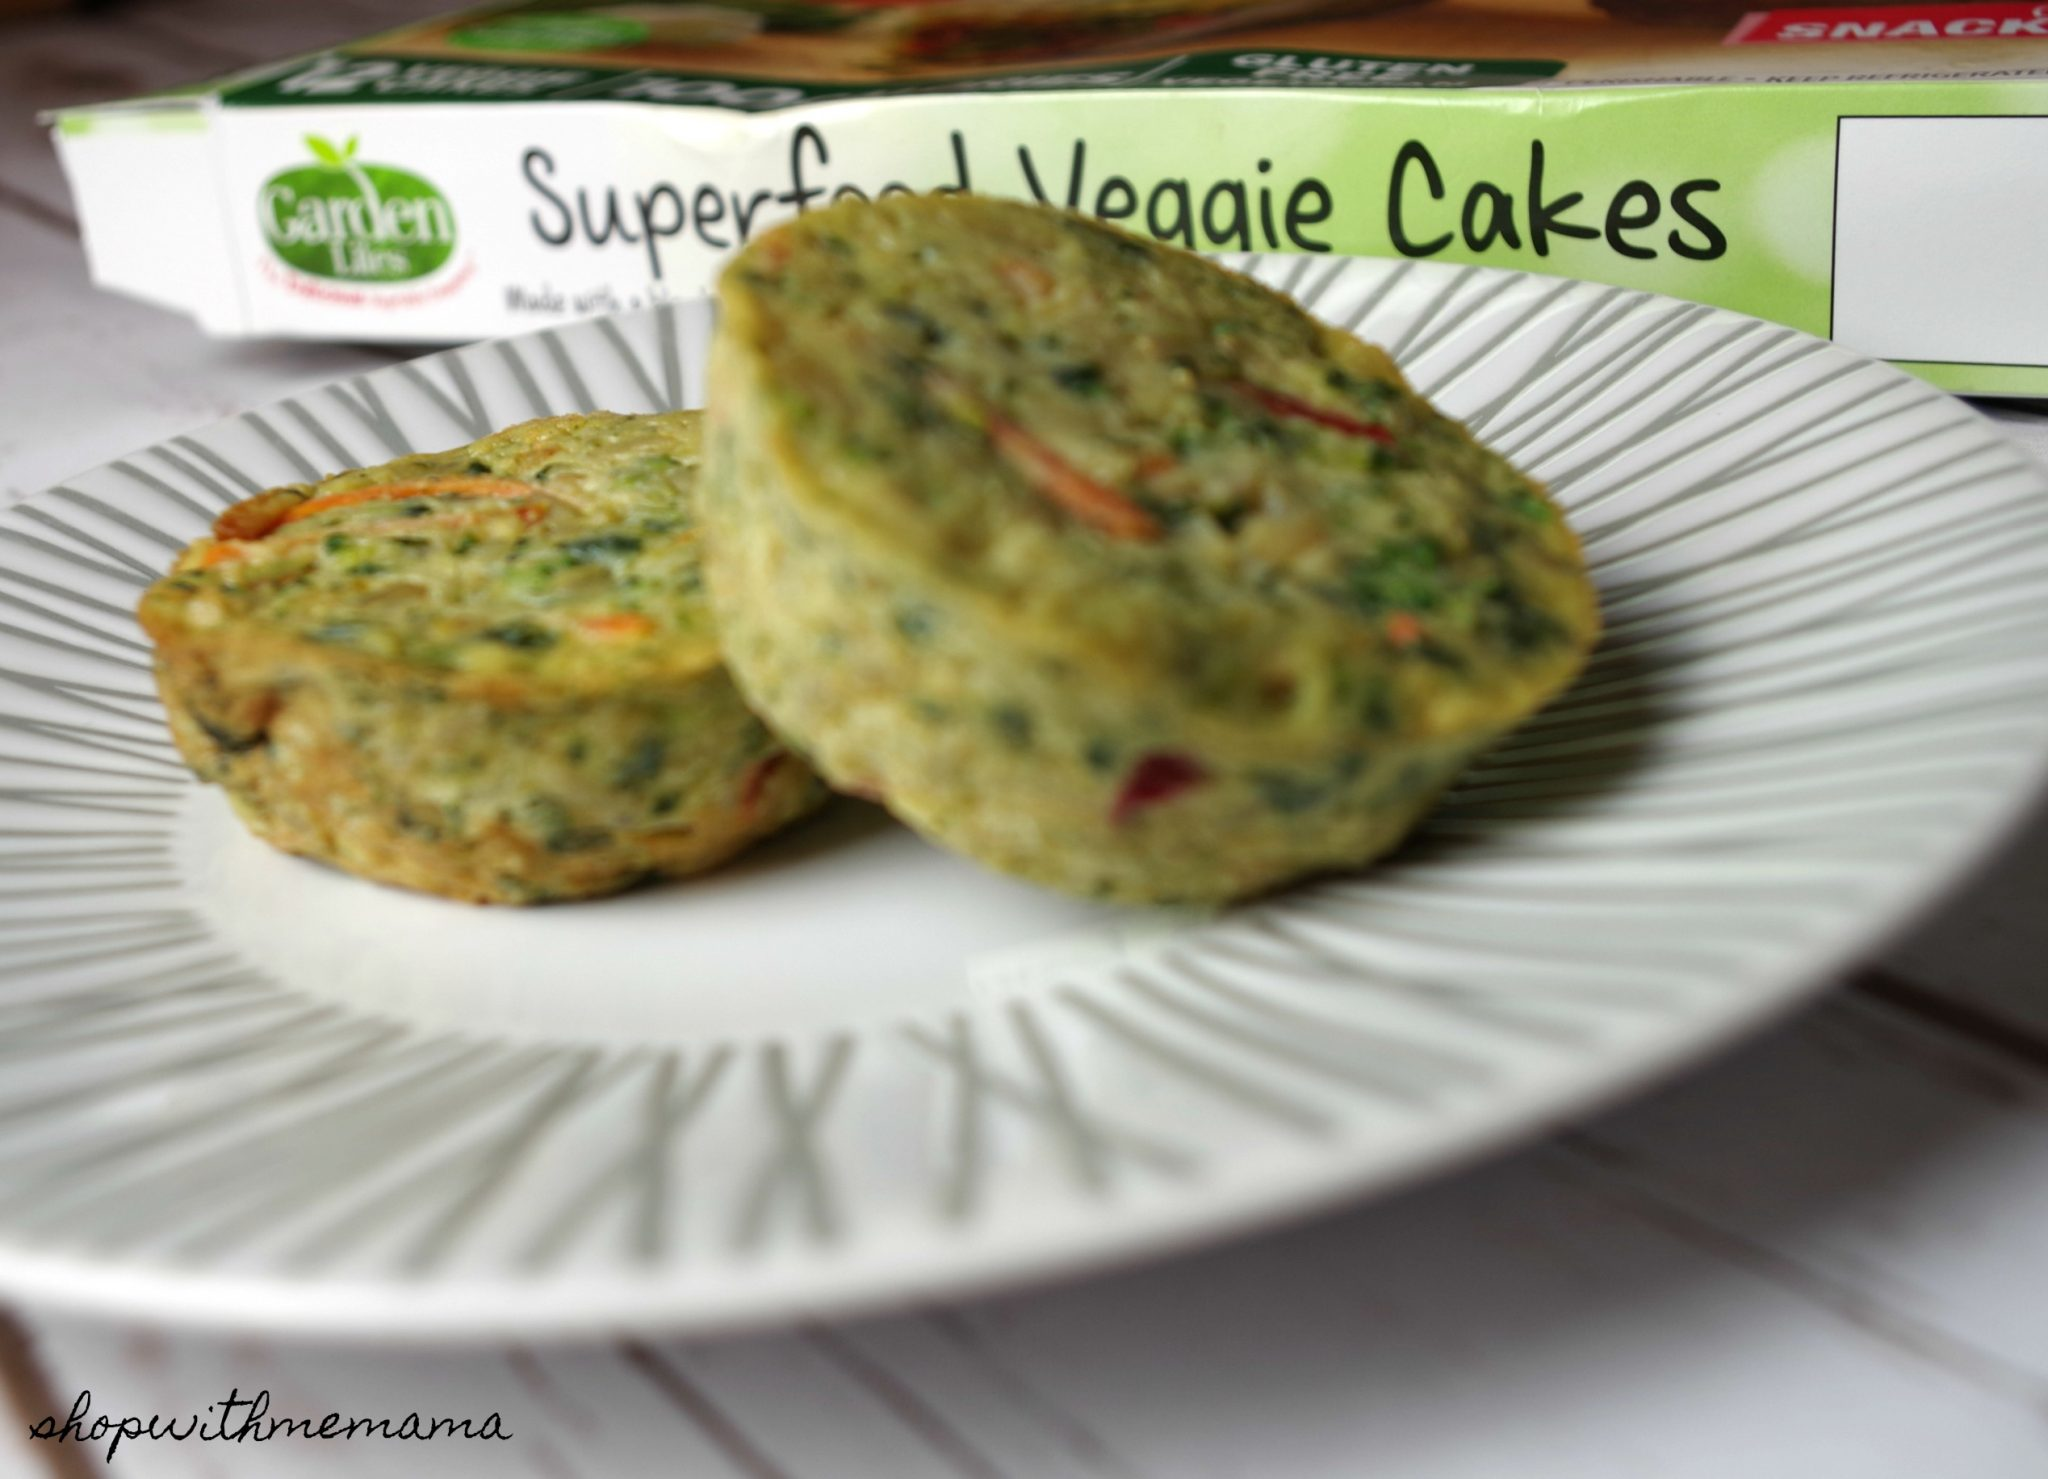 Superfood Veggie Cakes